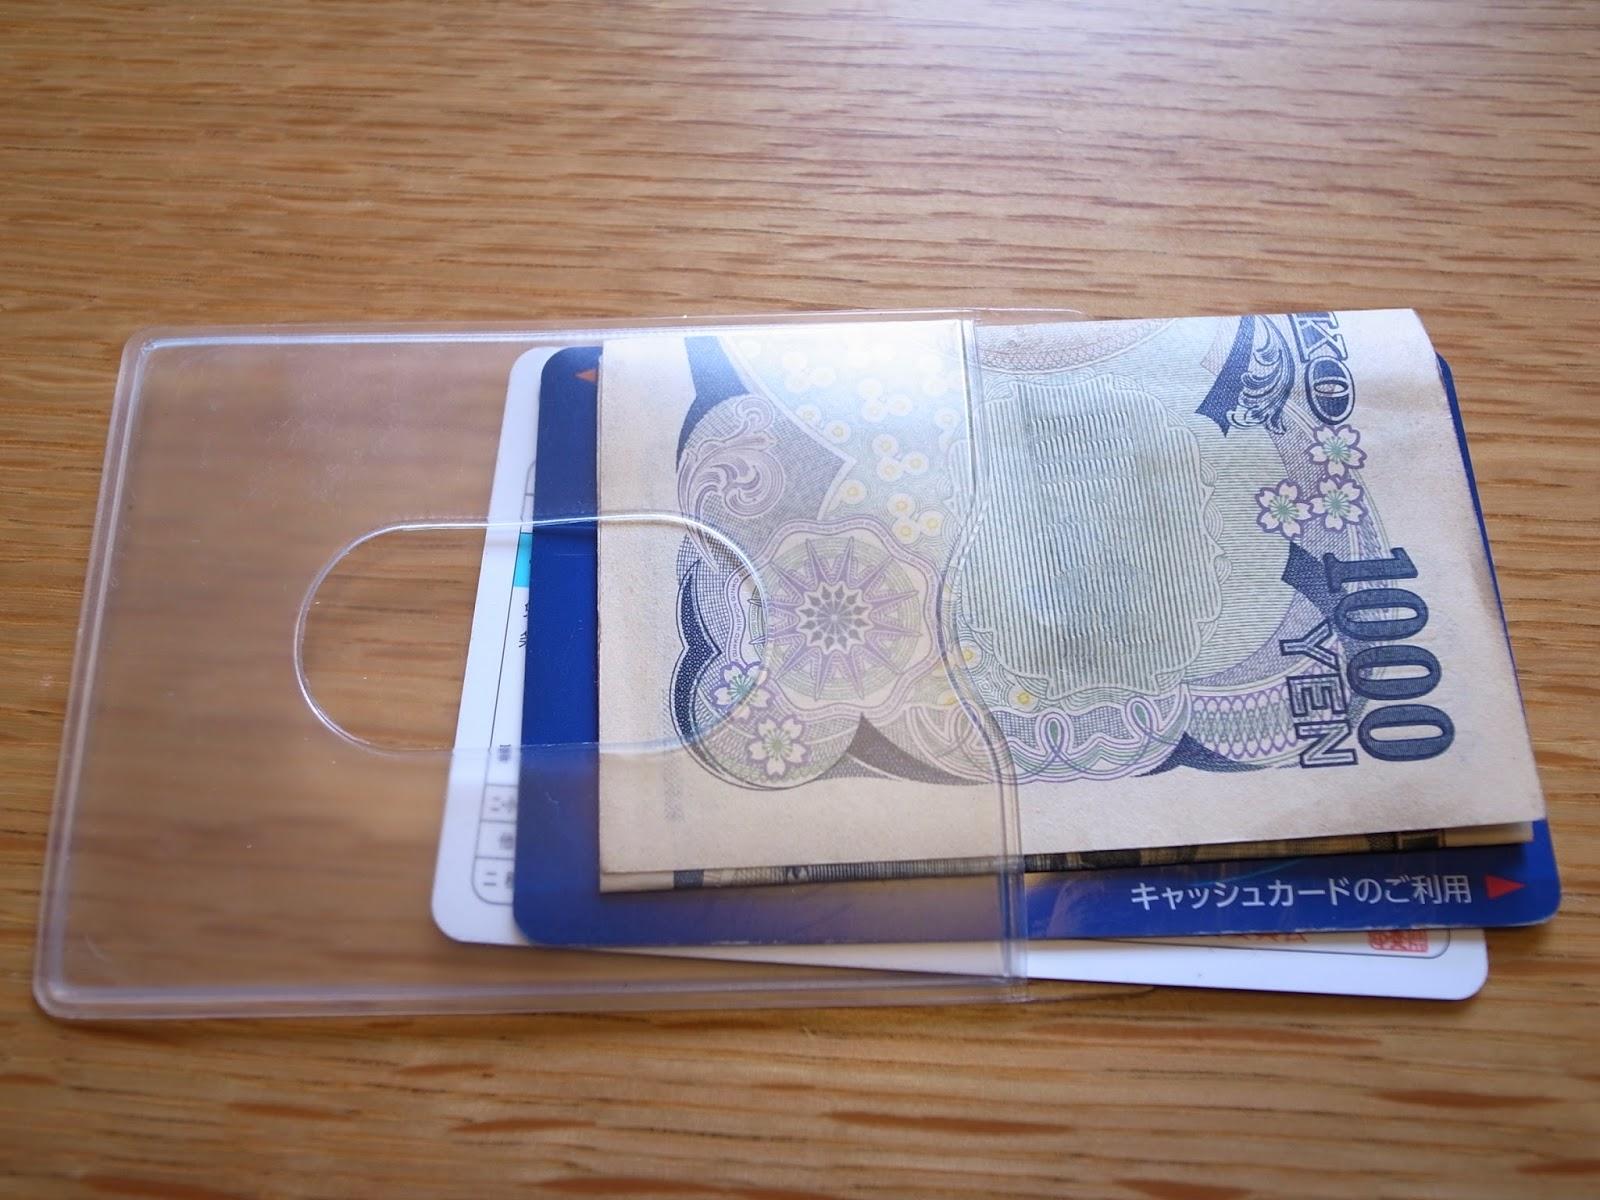 さすがカードケース。ぴったりです。 本当はカード1枚に対して1枚のカー...  ミニマリスト財布